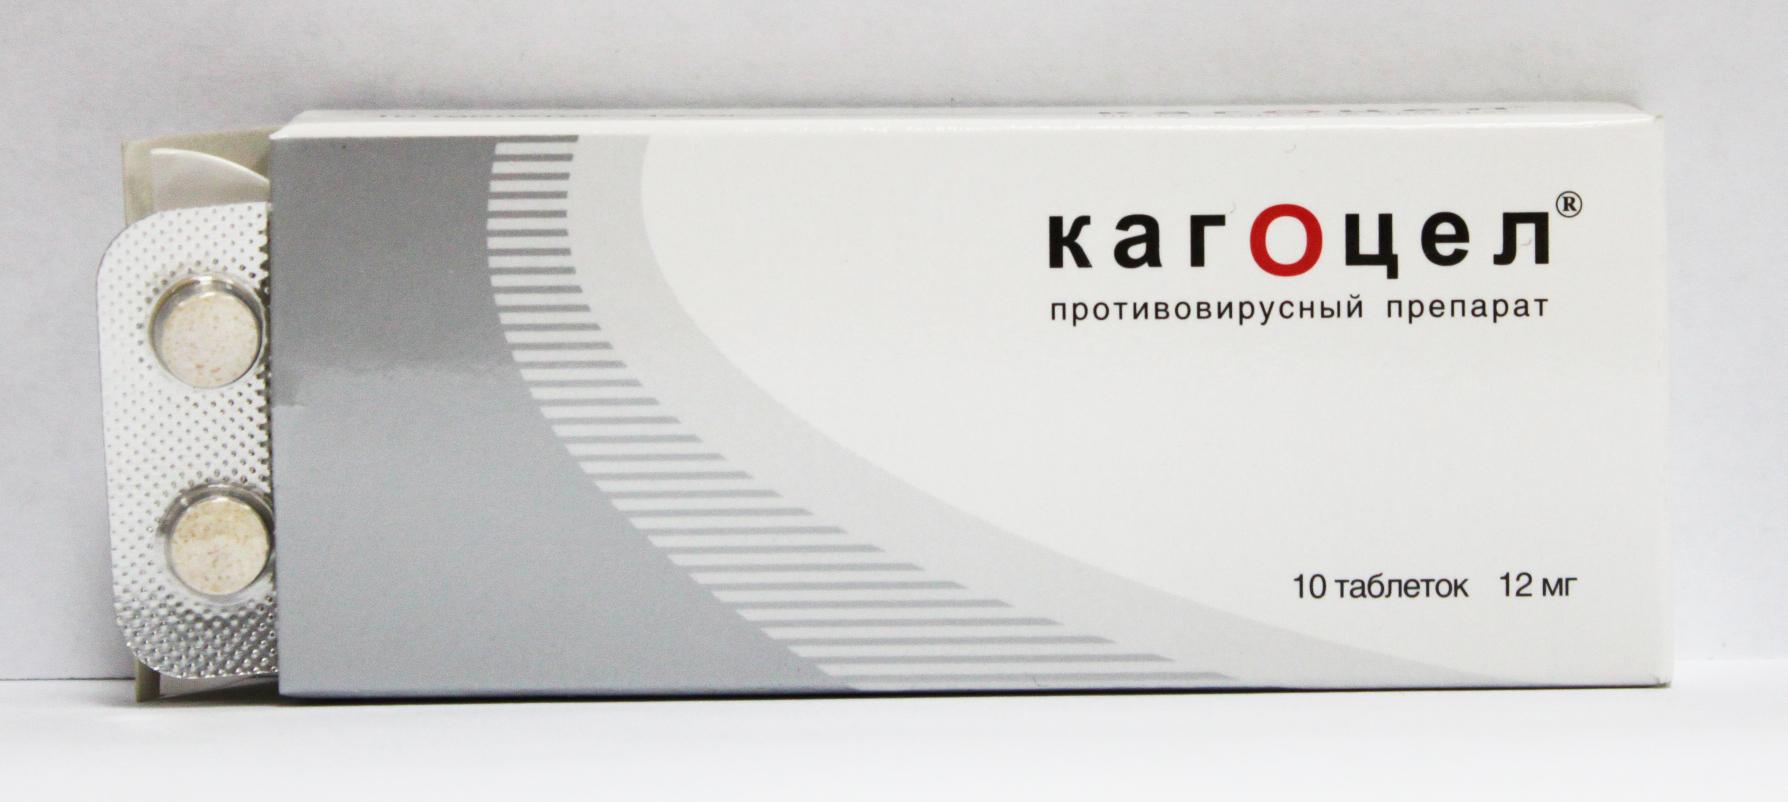 Кагоцел: инструкция по применению 🚩 лекарственные препараты.